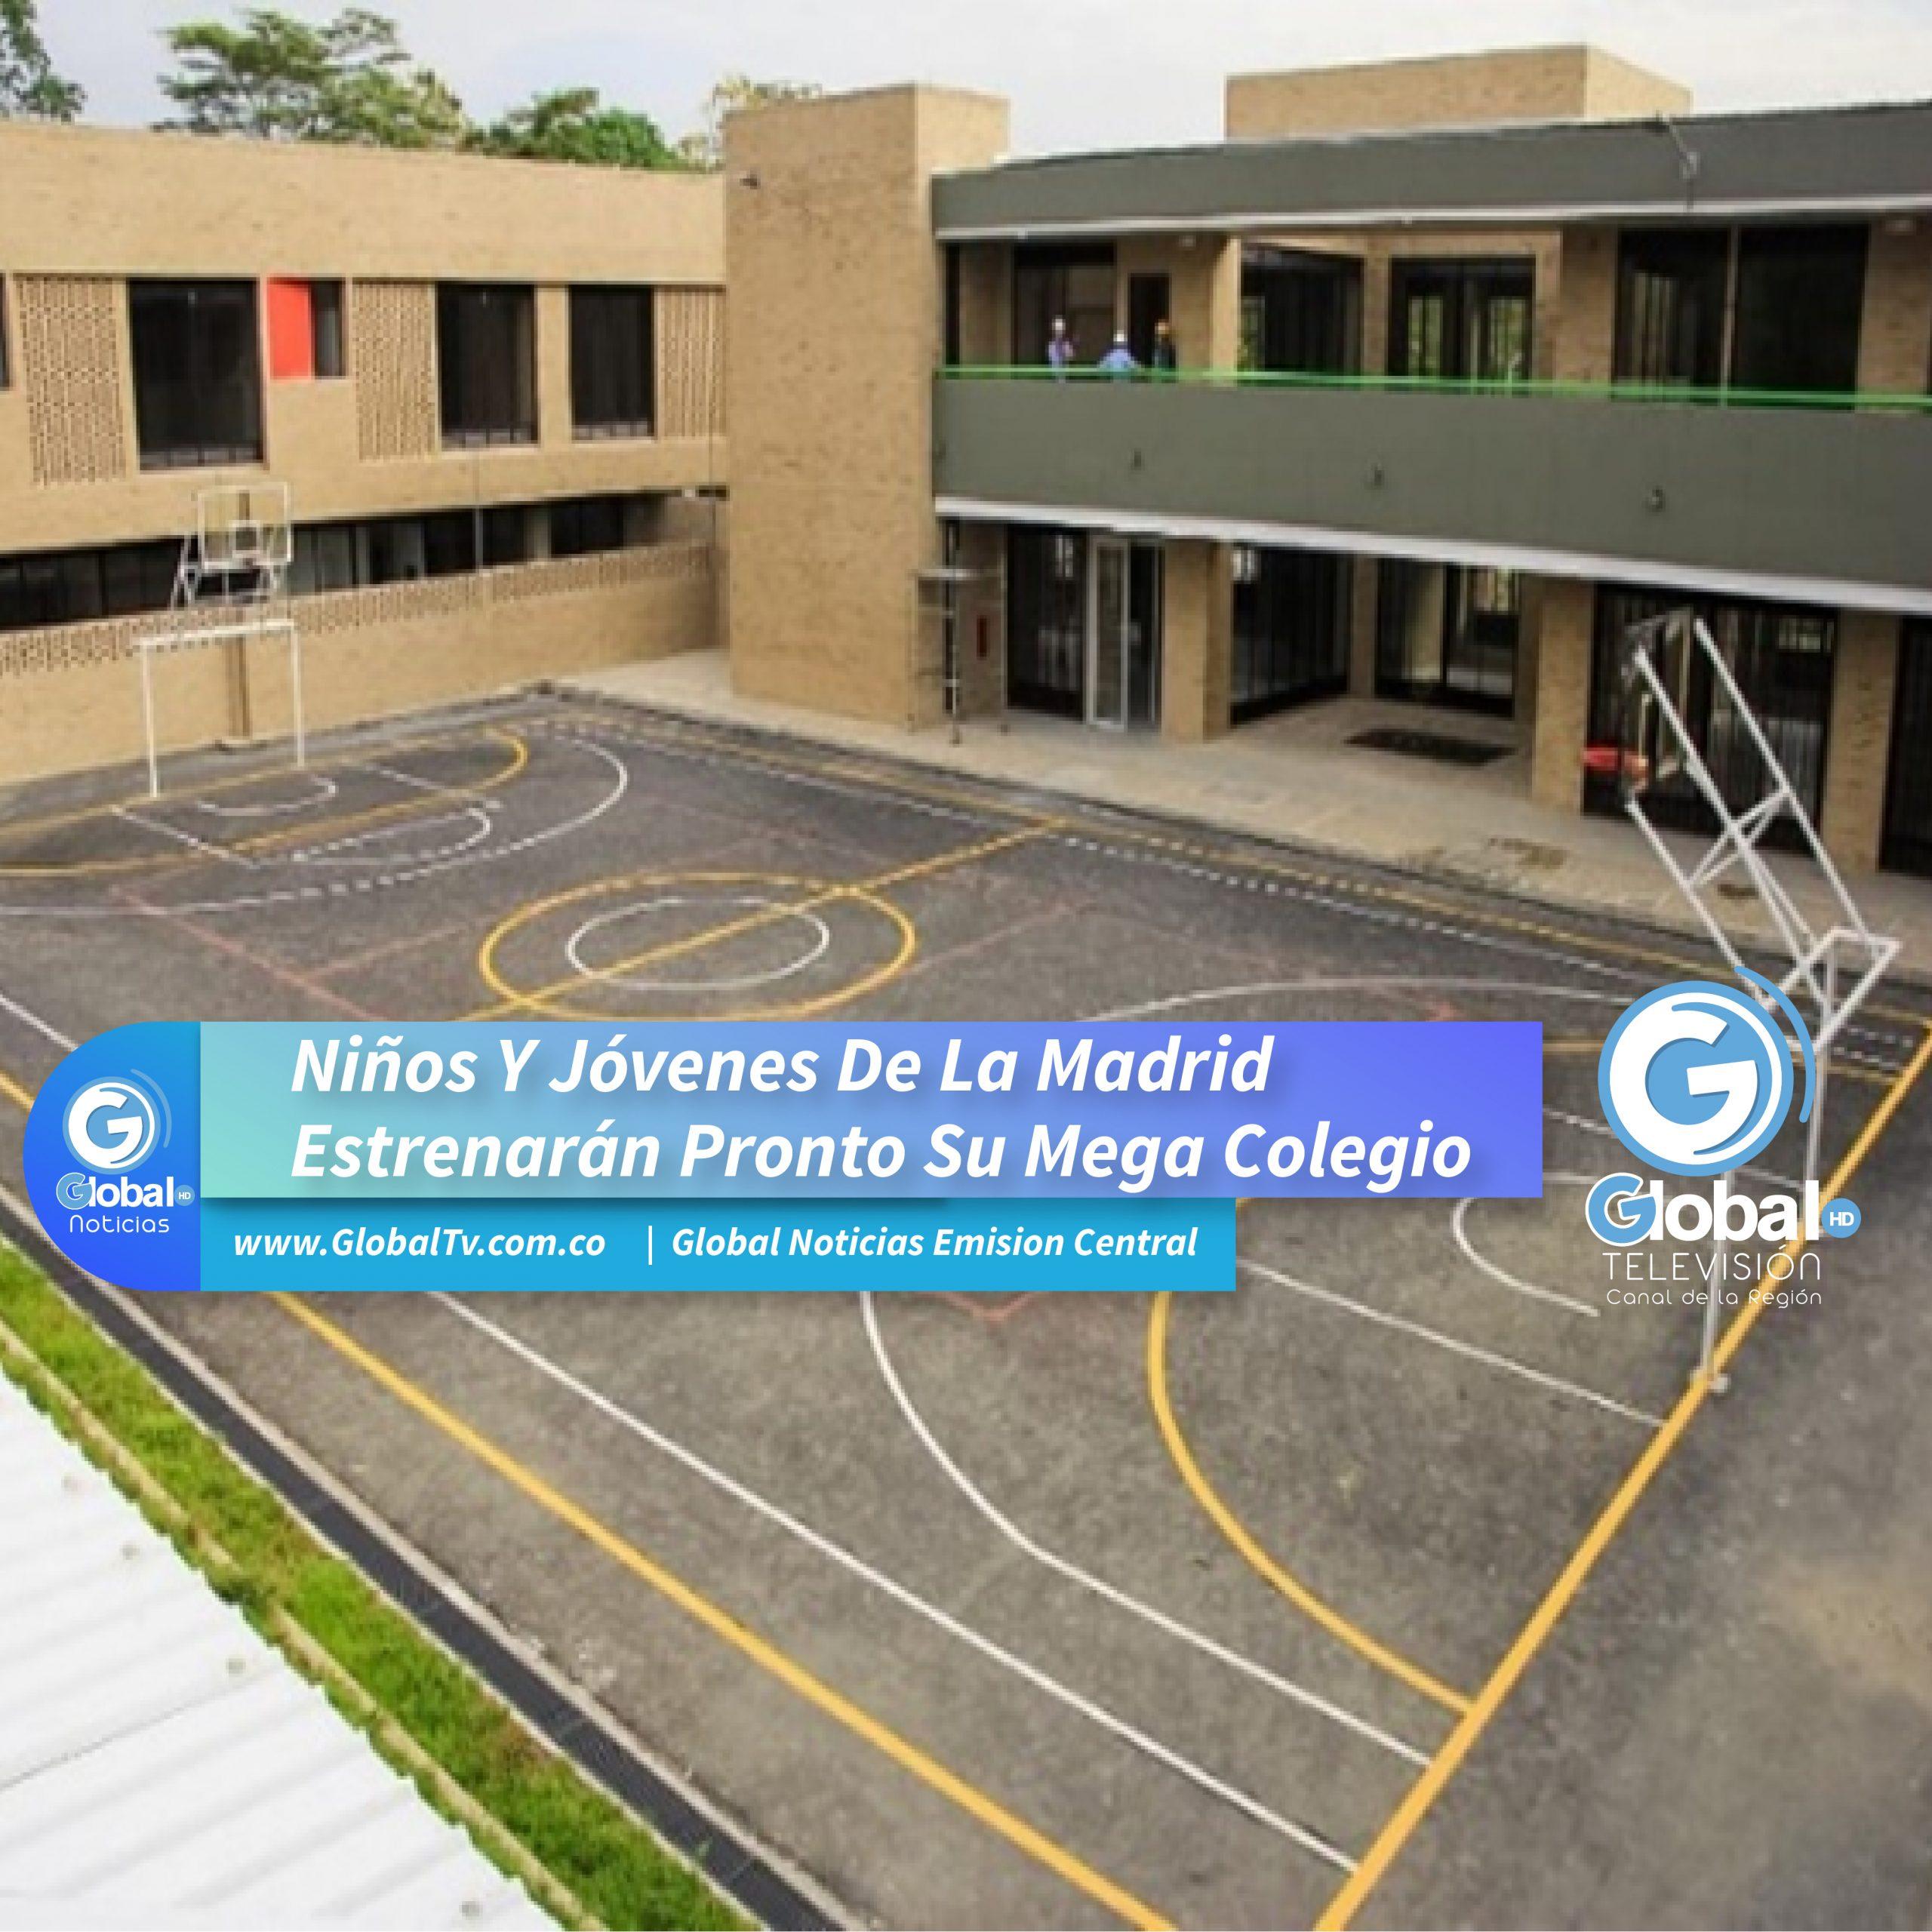 Niños Y Jóvenes De La Madrid Estrenarán Pronto Su Mega Colegio